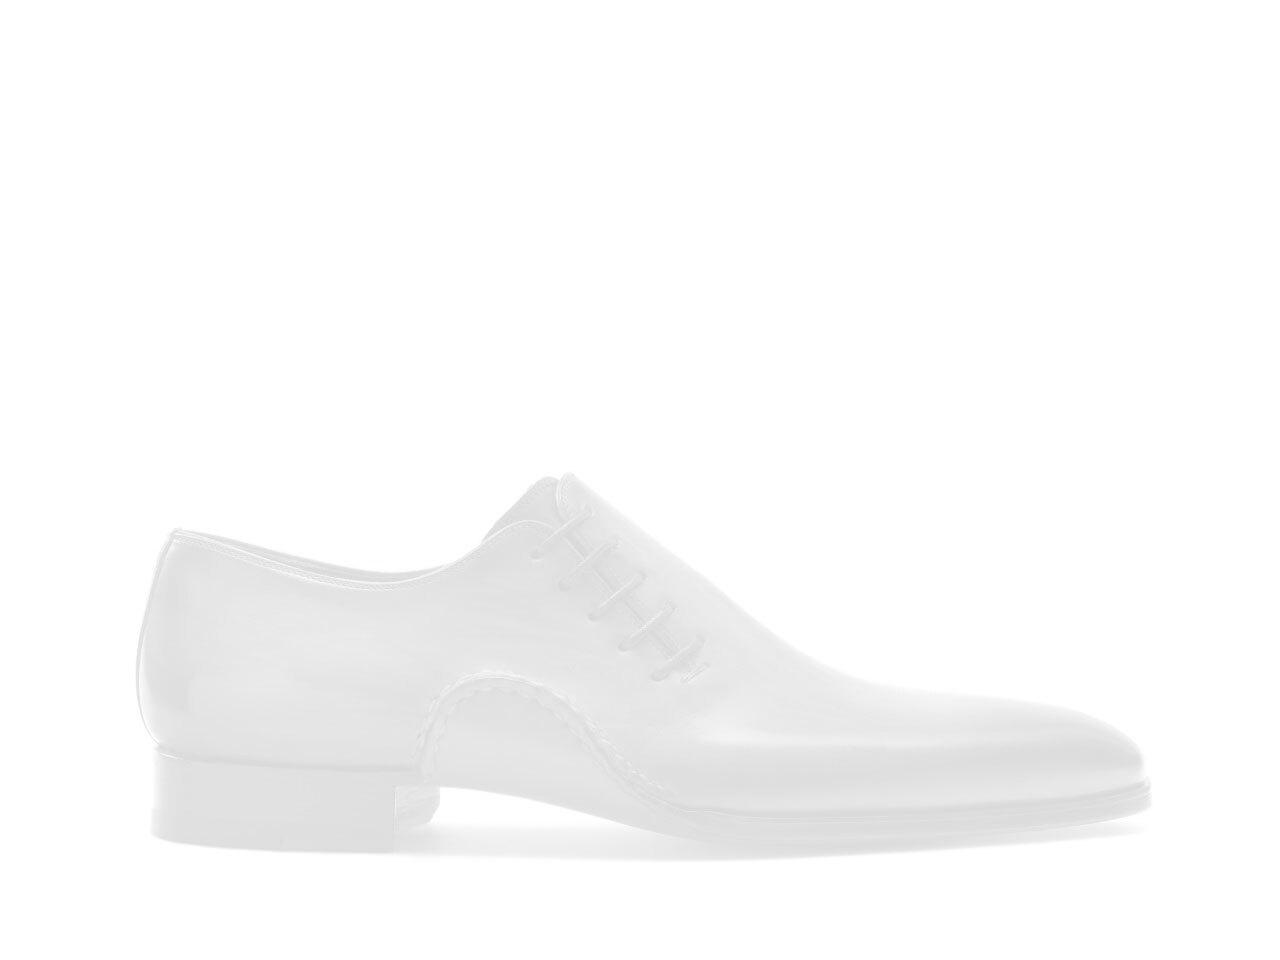 Side view of the Magnanni Vino Black Men's Velvet Loafers